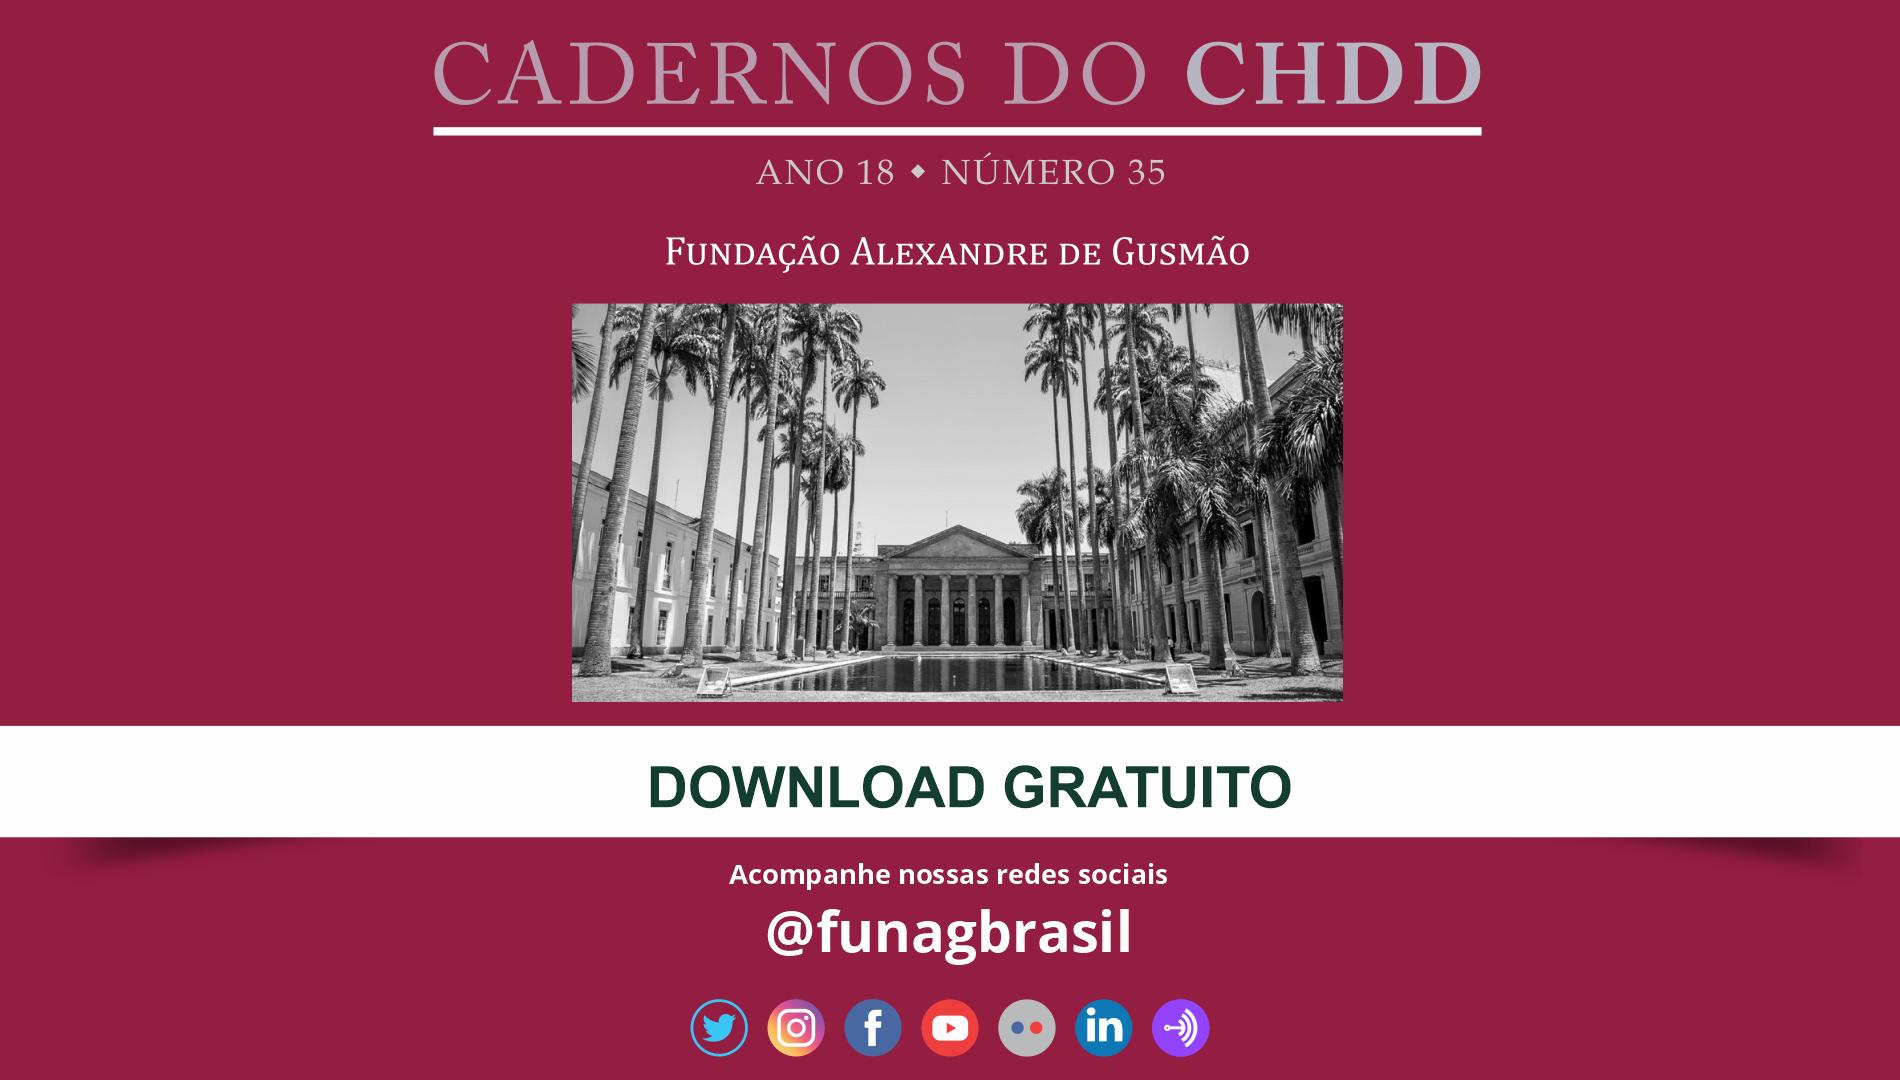 A Fundação Alexandre de Gusmão (FUNAG) publica a 35ª edição do